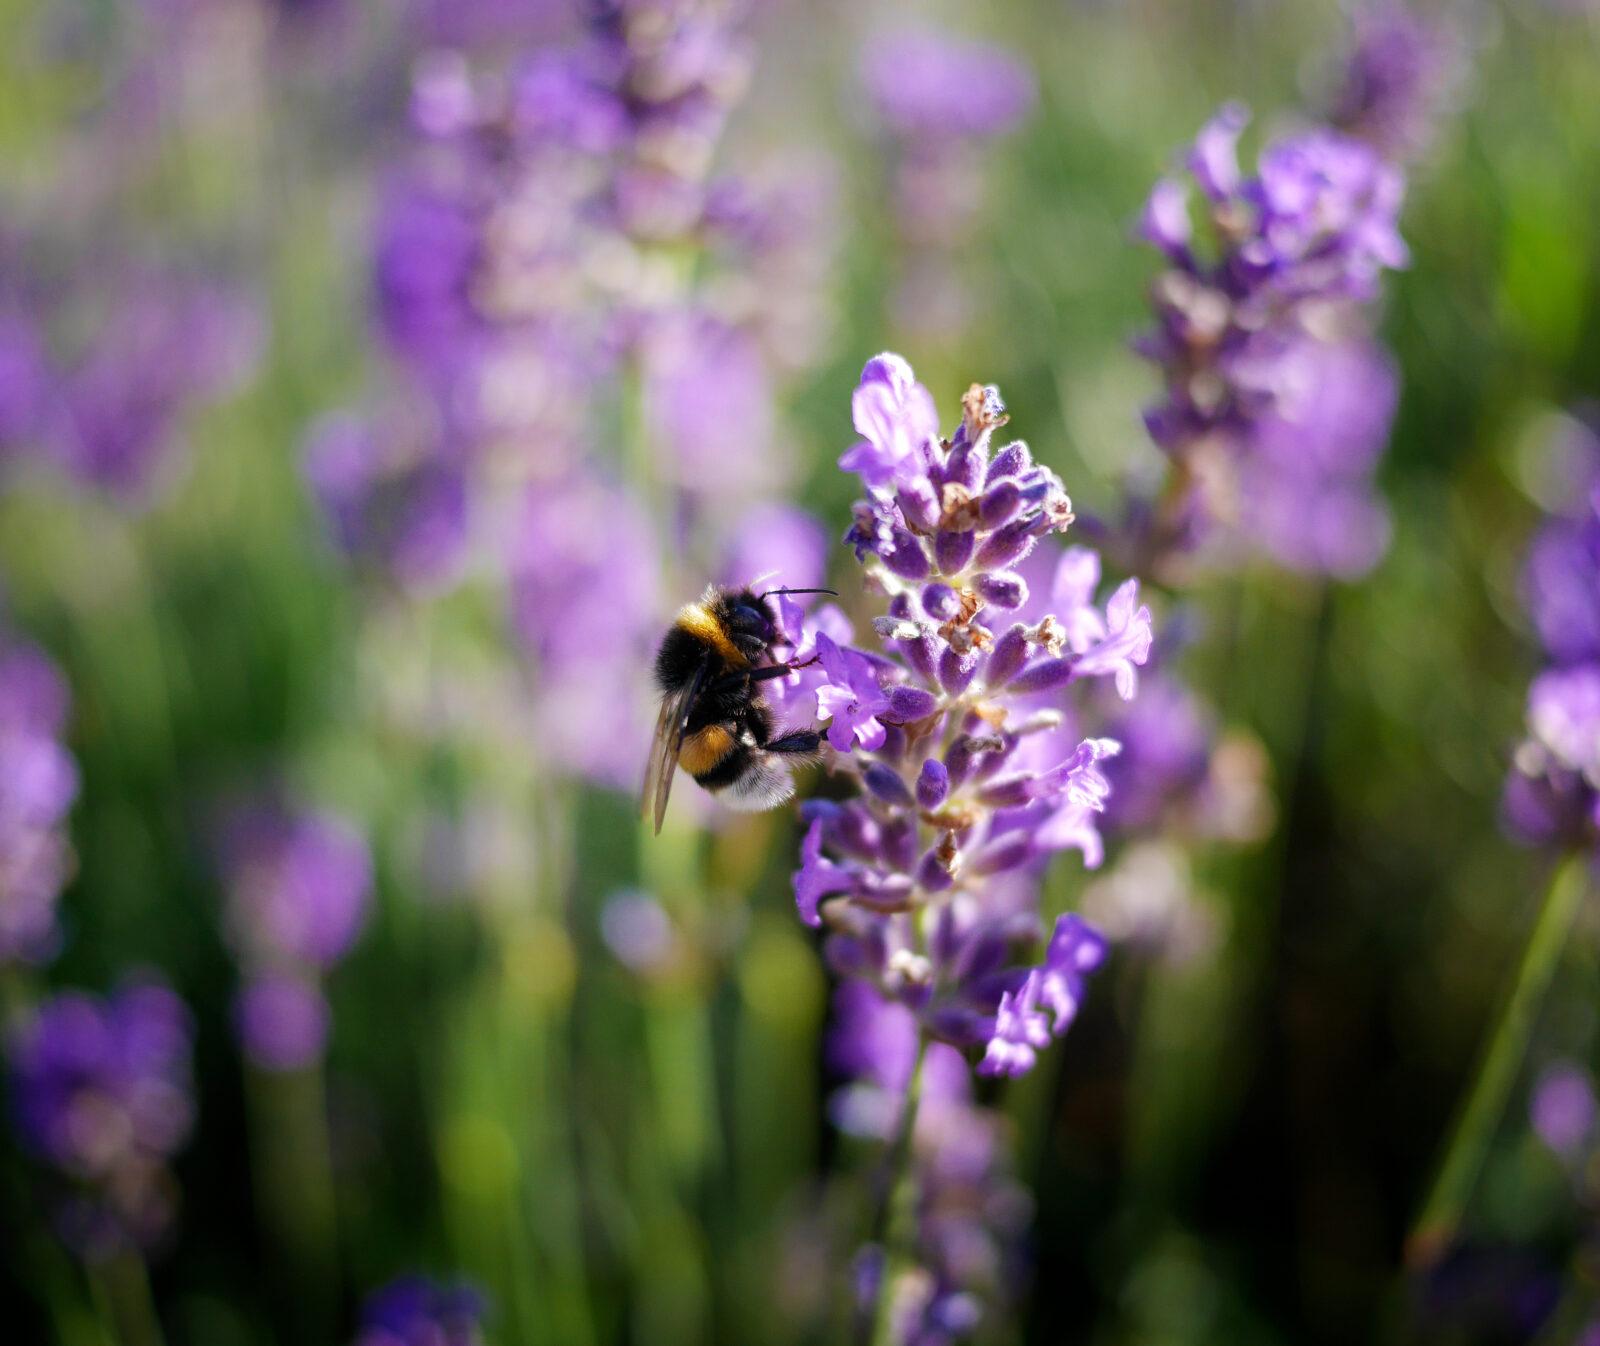 Humla på lavenderblomma. Operation: Rädda bina.